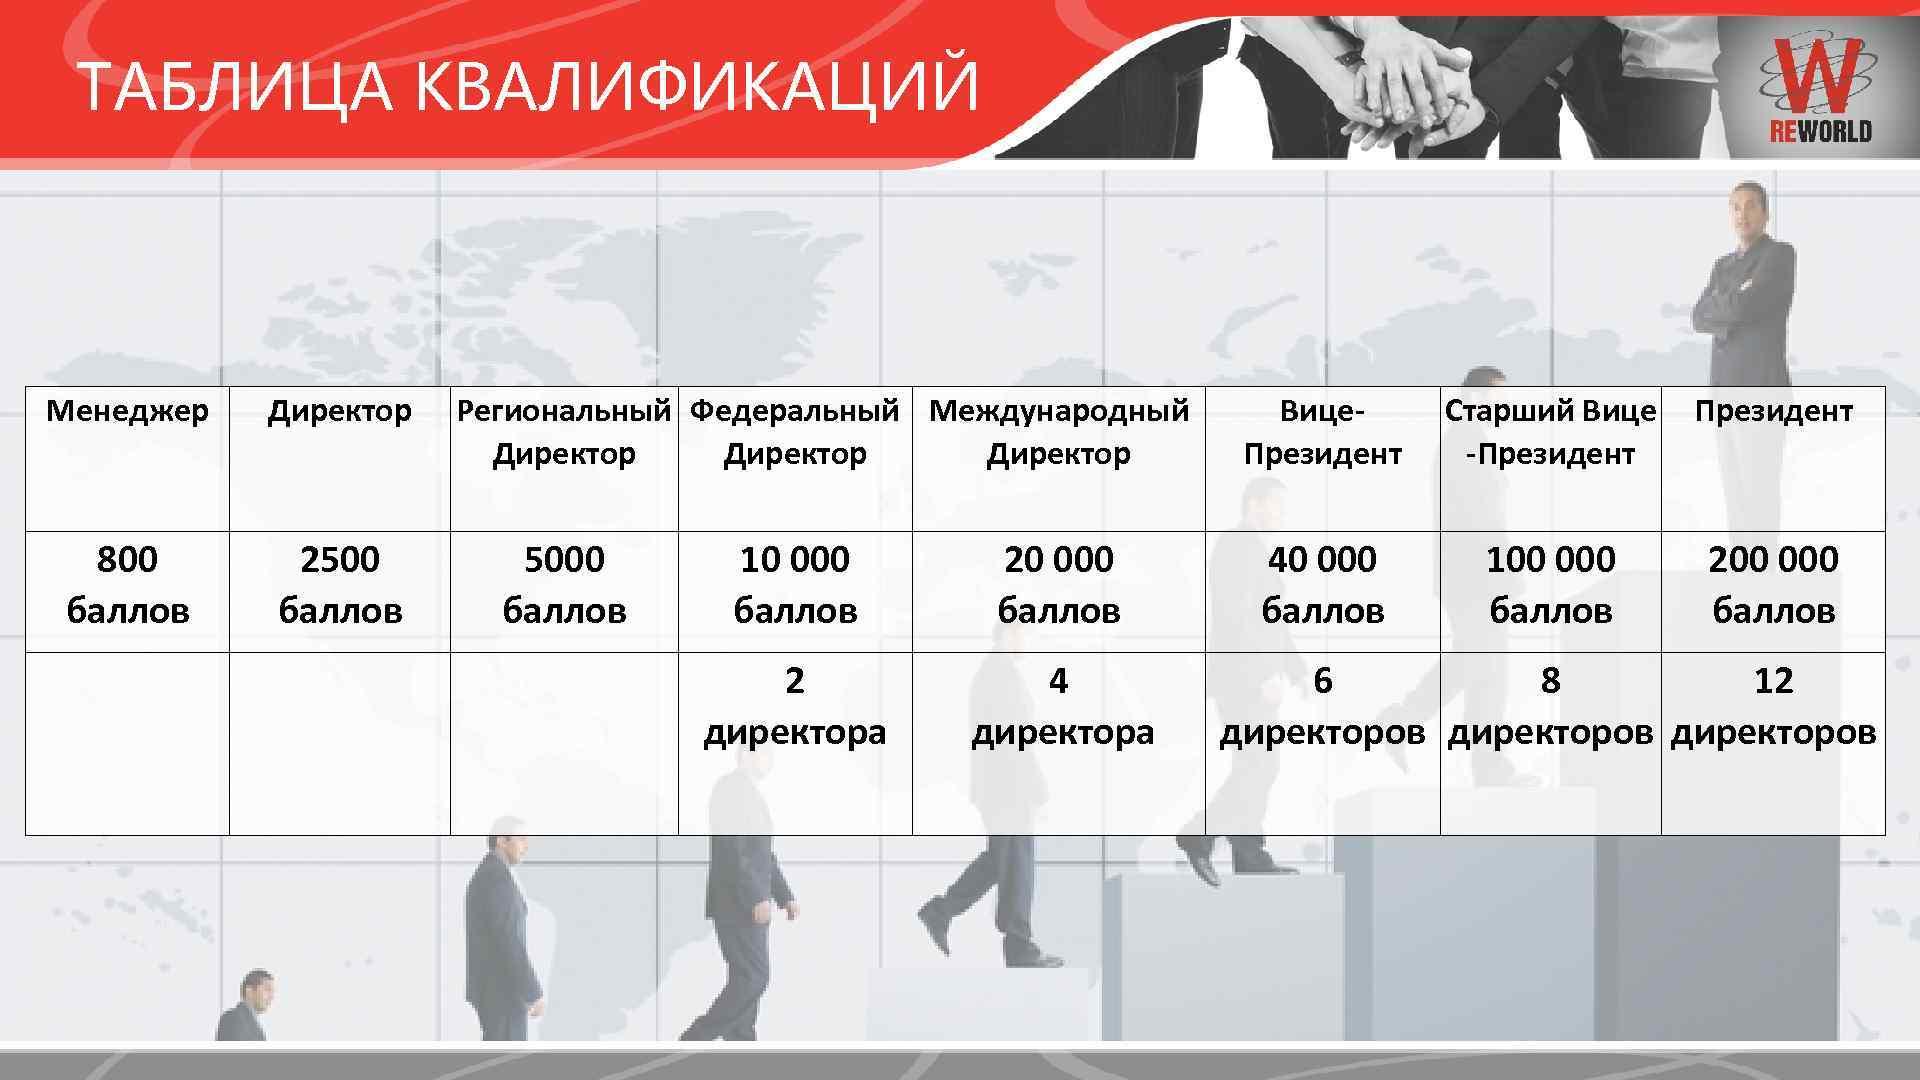 ТАБЛИЦА КВАЛИФИКАЦИЙ Менеджер Директор Региональный Федеральный Международный Директор 800 баллов 2500 баллов 5000 баллов